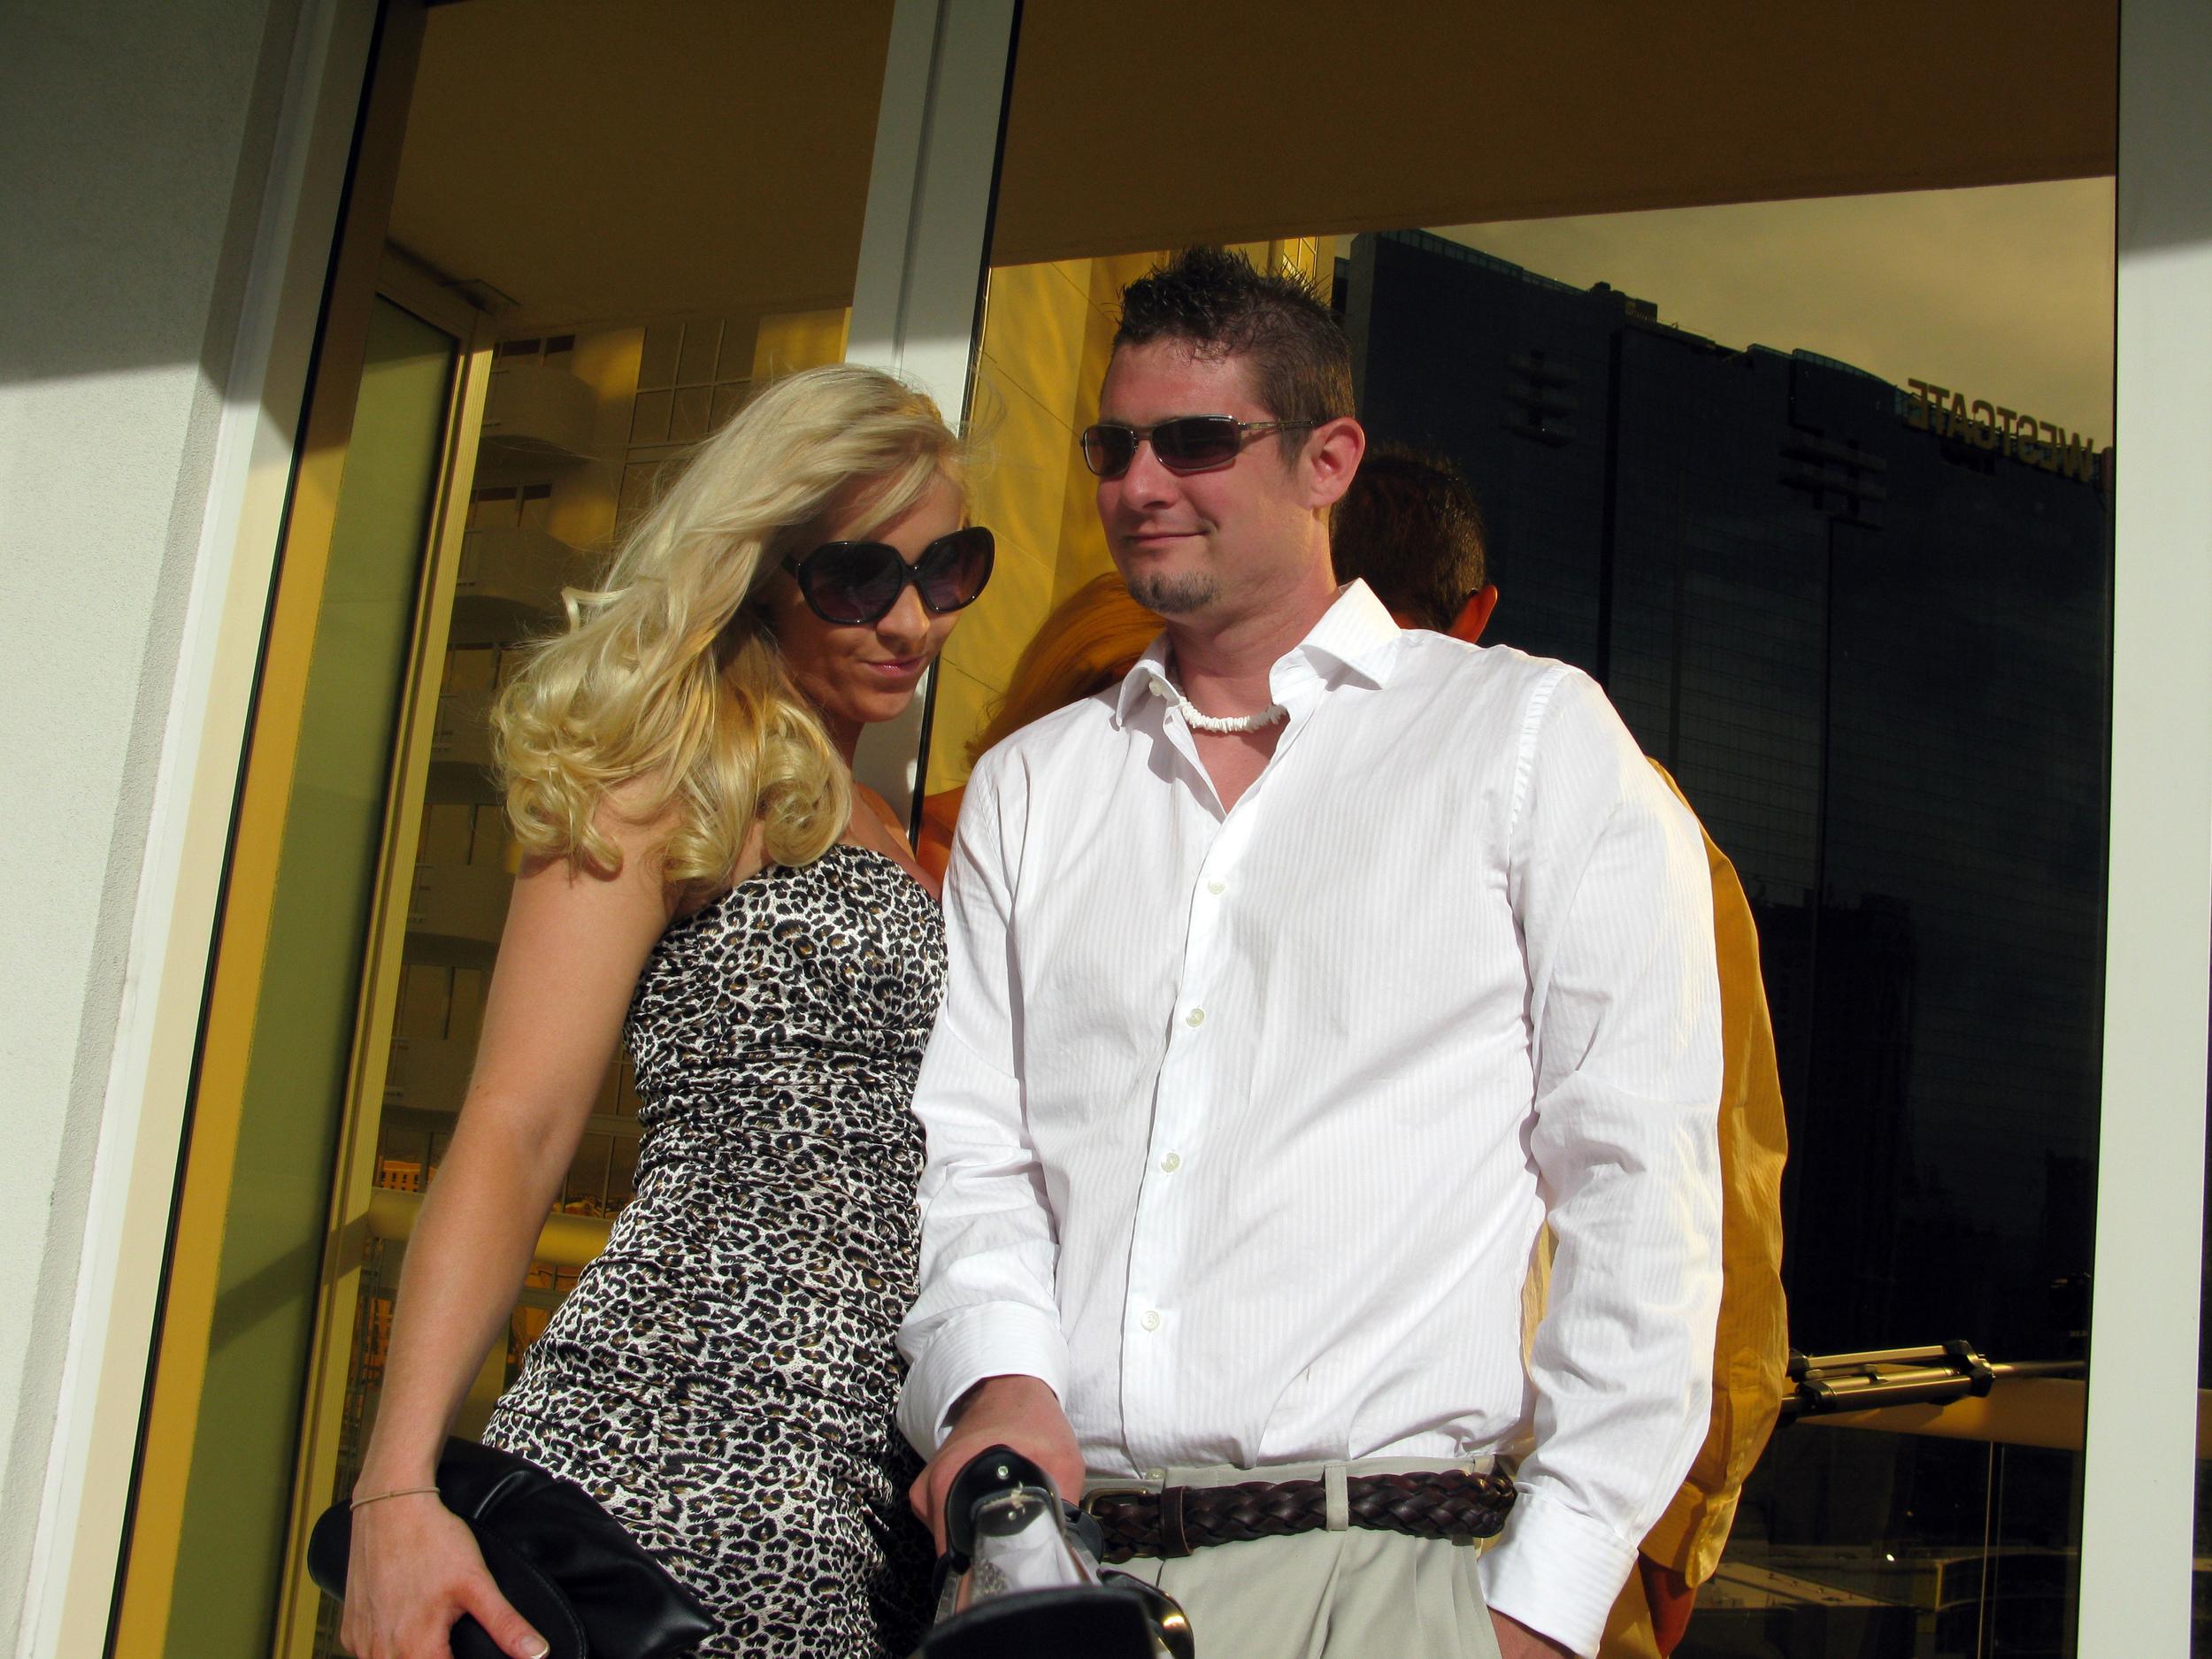 Las Vegas - 2009